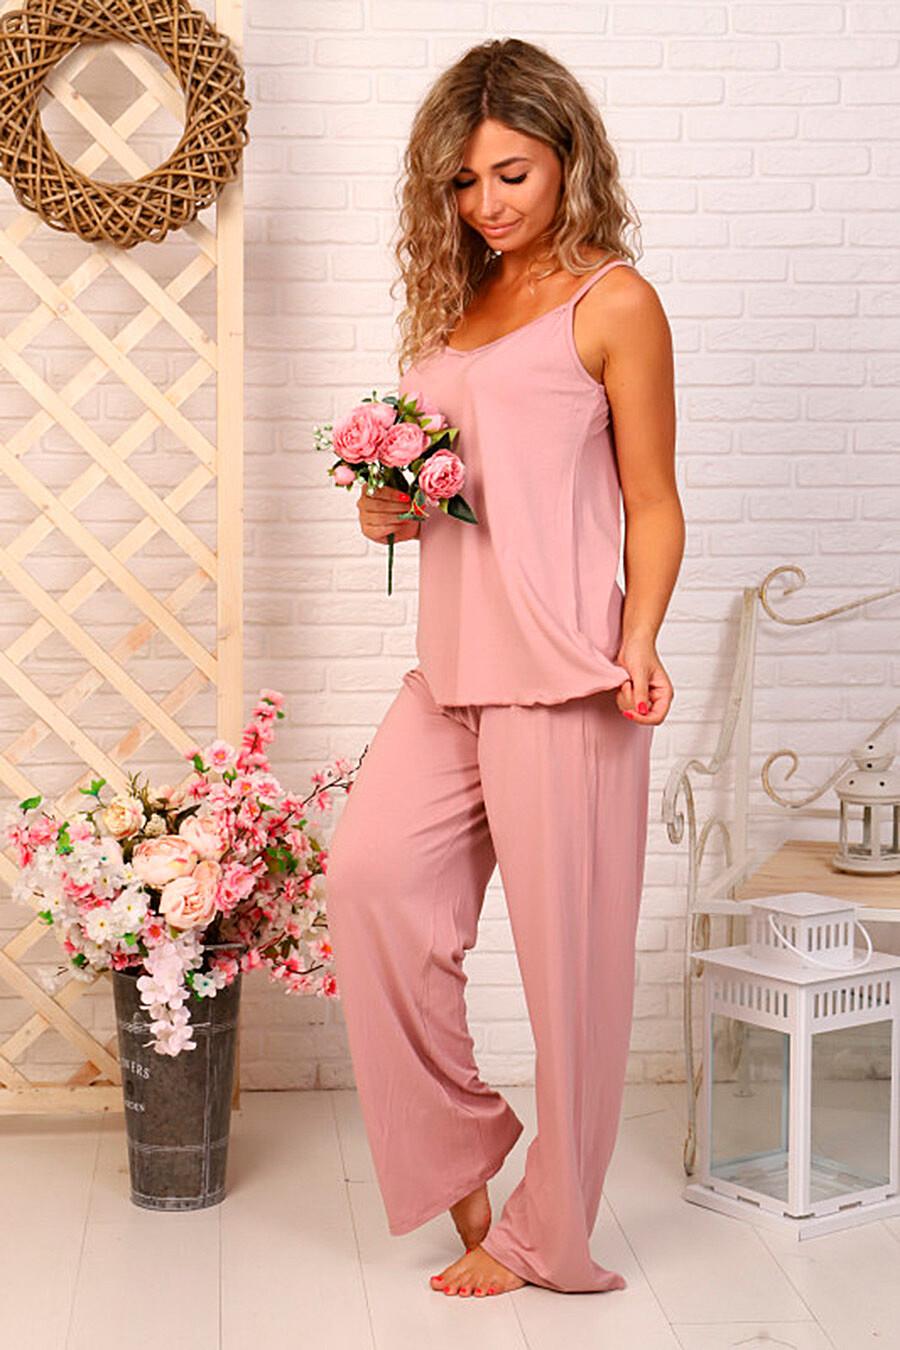 Костюм (Брюки+Топ) для женщин SOFIYA37 682278 купить оптом от производителя. Совместная покупка женской одежды в OptMoyo